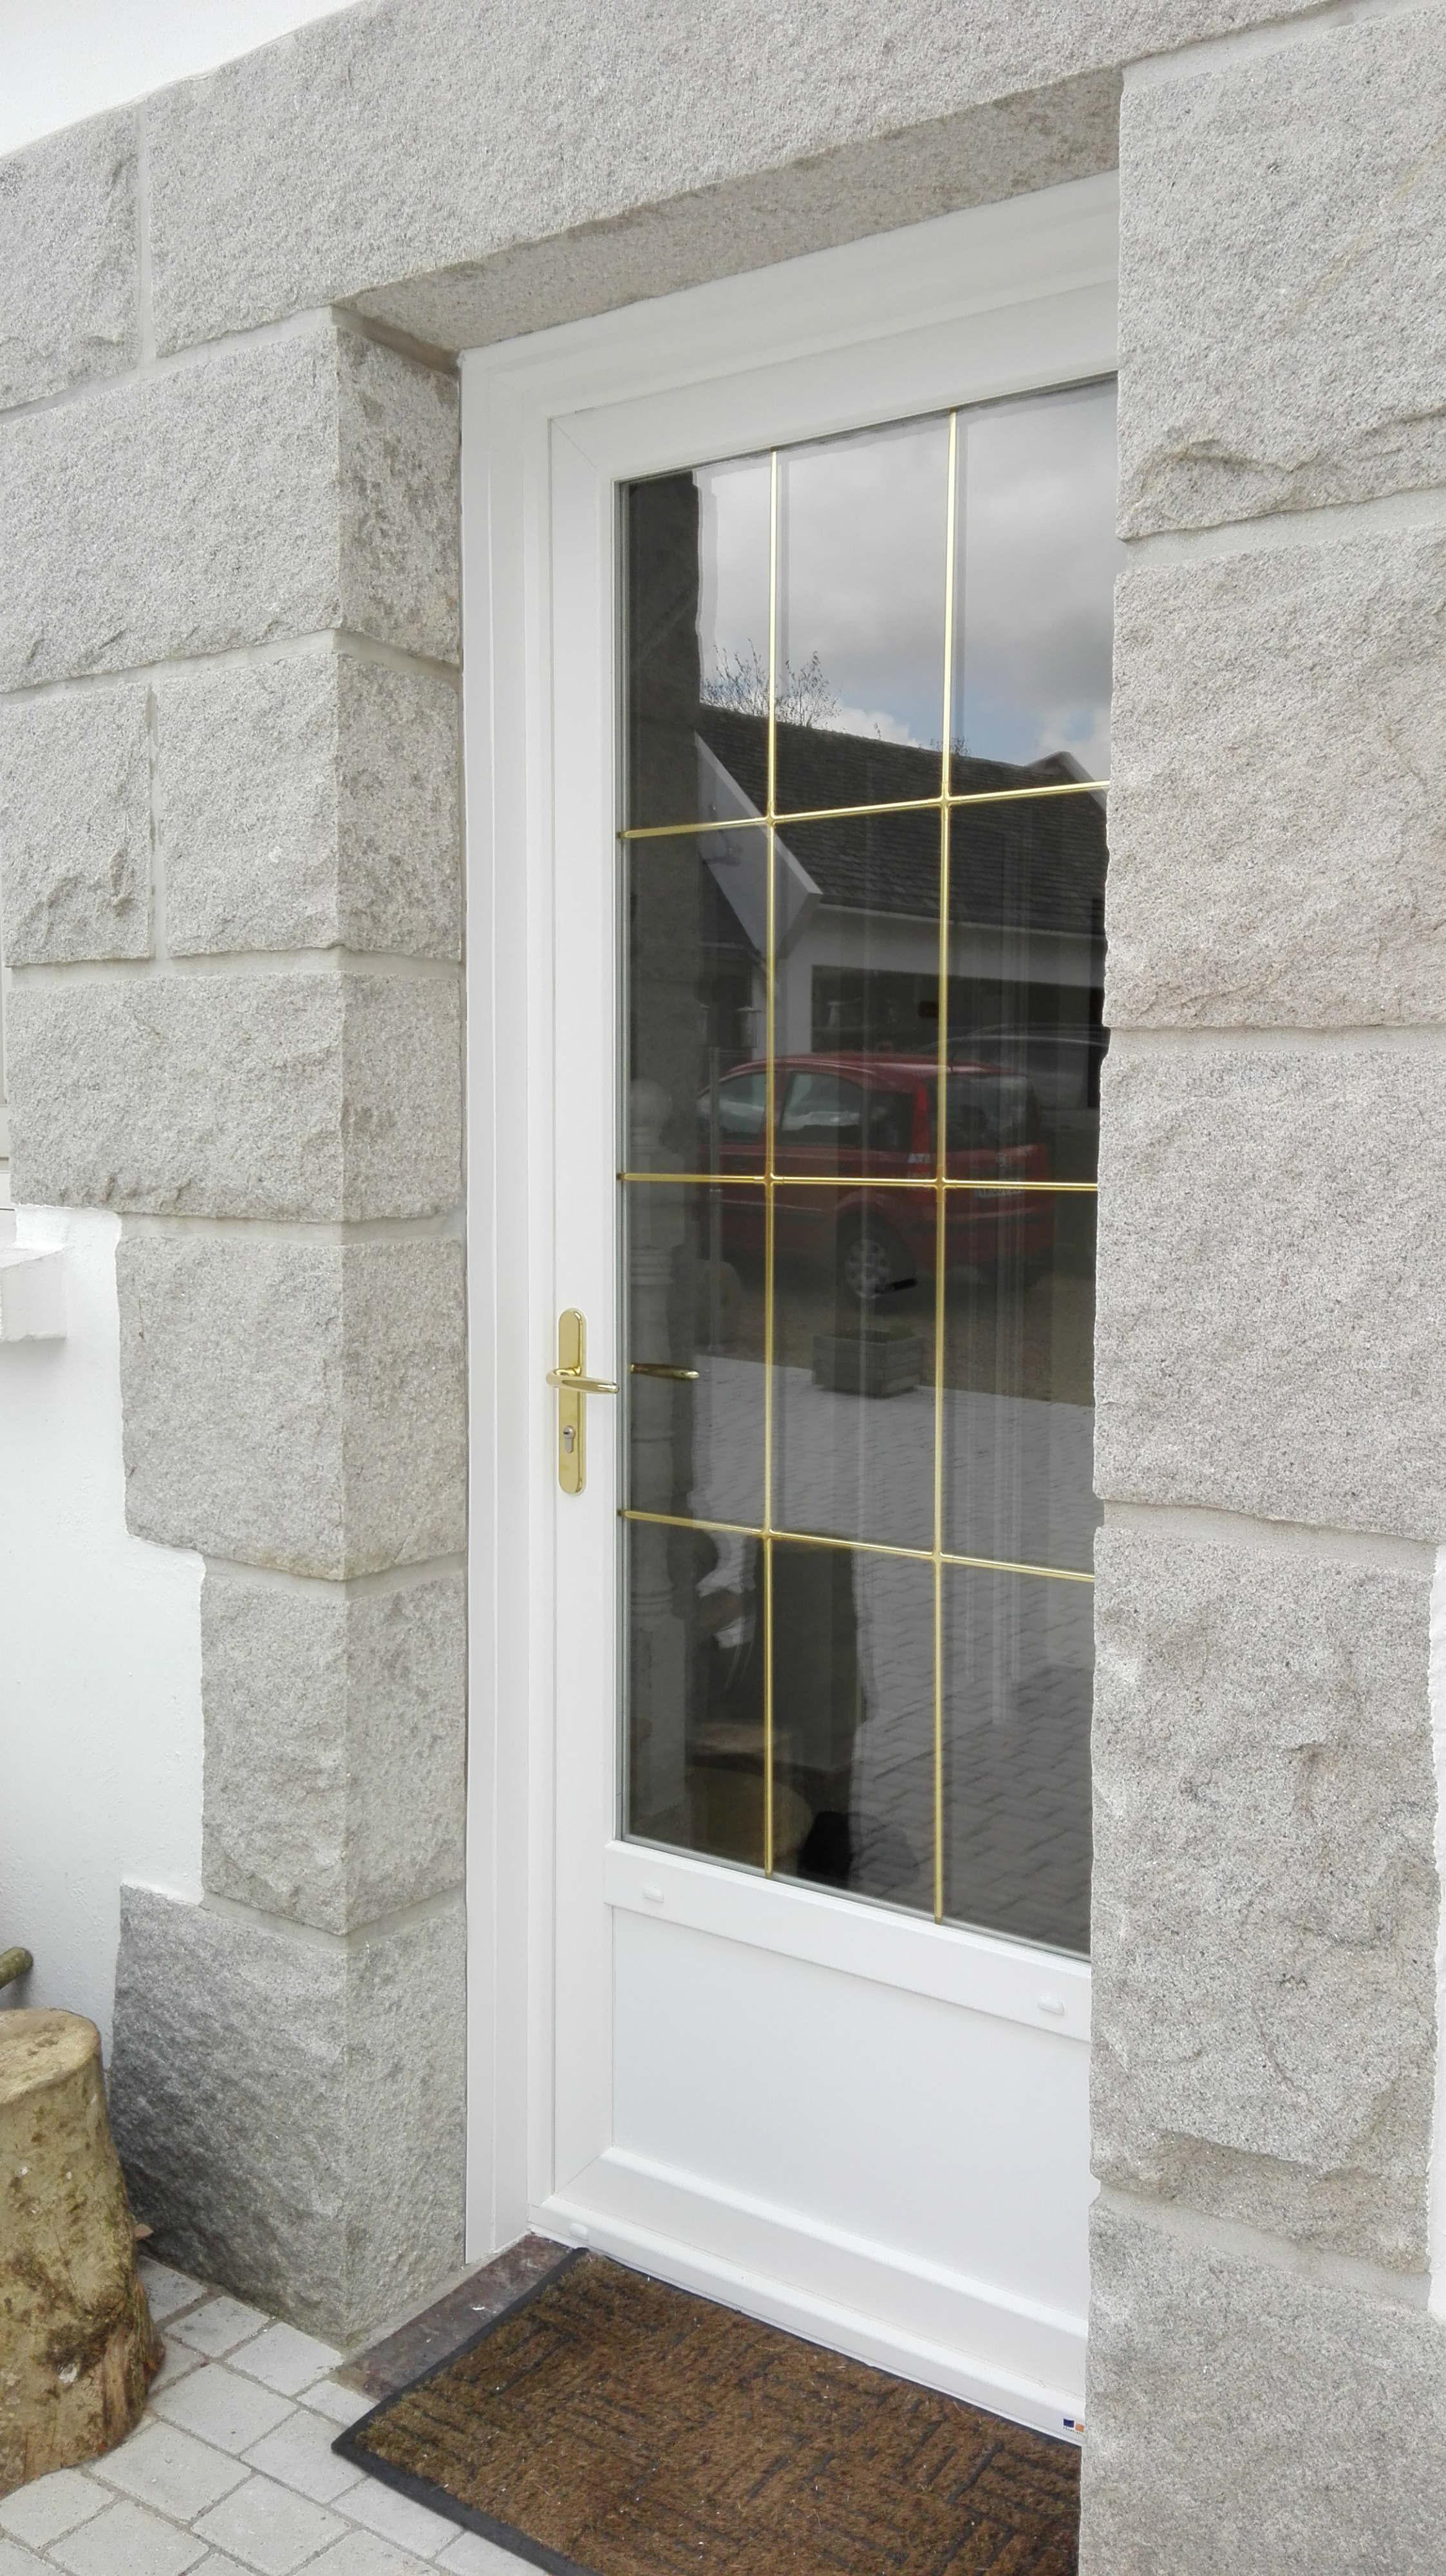 Installation de portes d 39 entr e pvc blanc vein gouesnou for Installation porte d entree